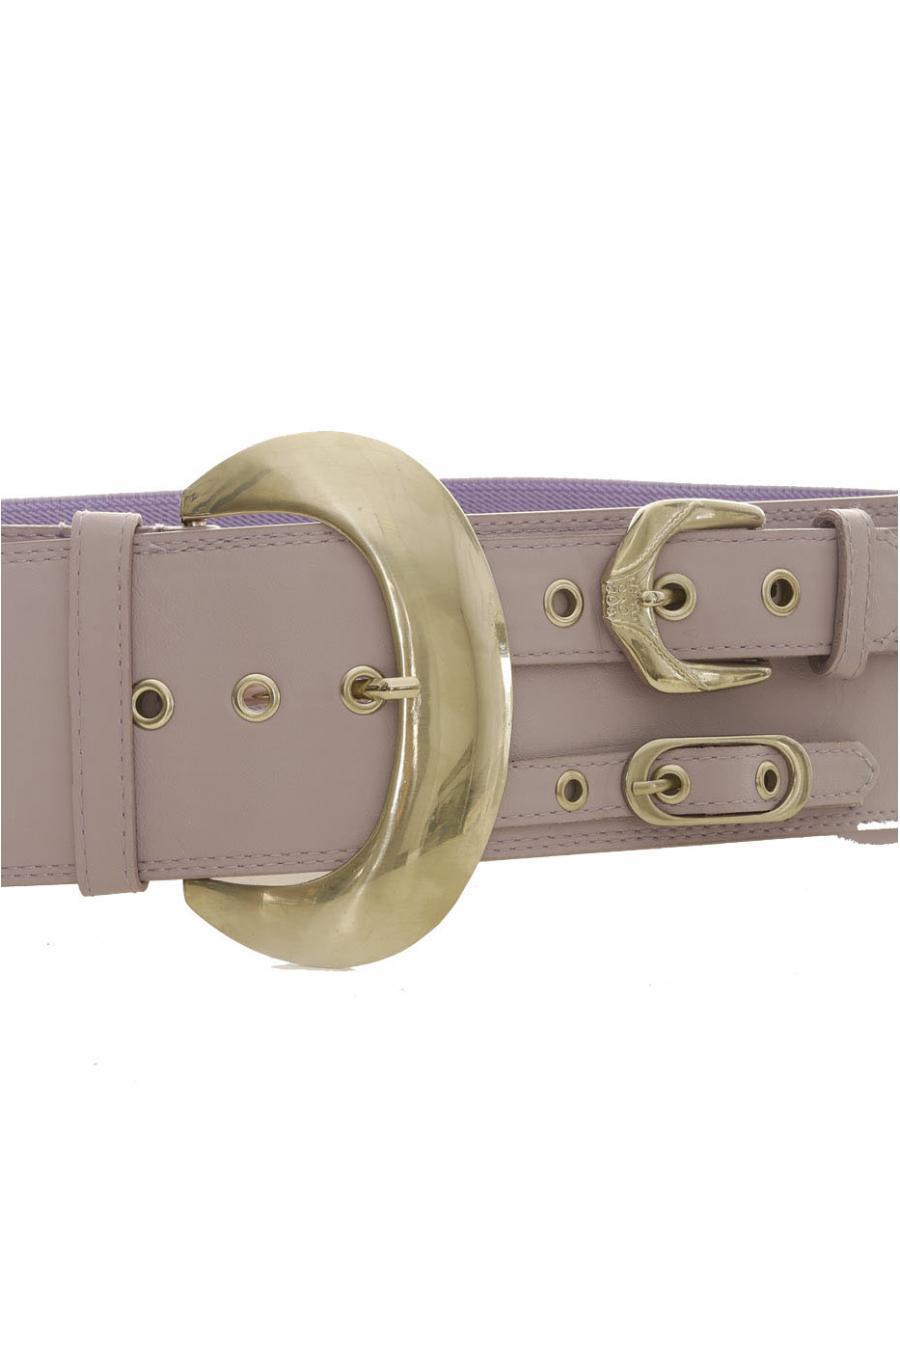 Ceinture élastique Violette avec décoration sur le côté effet double ceinture - SG - 0306